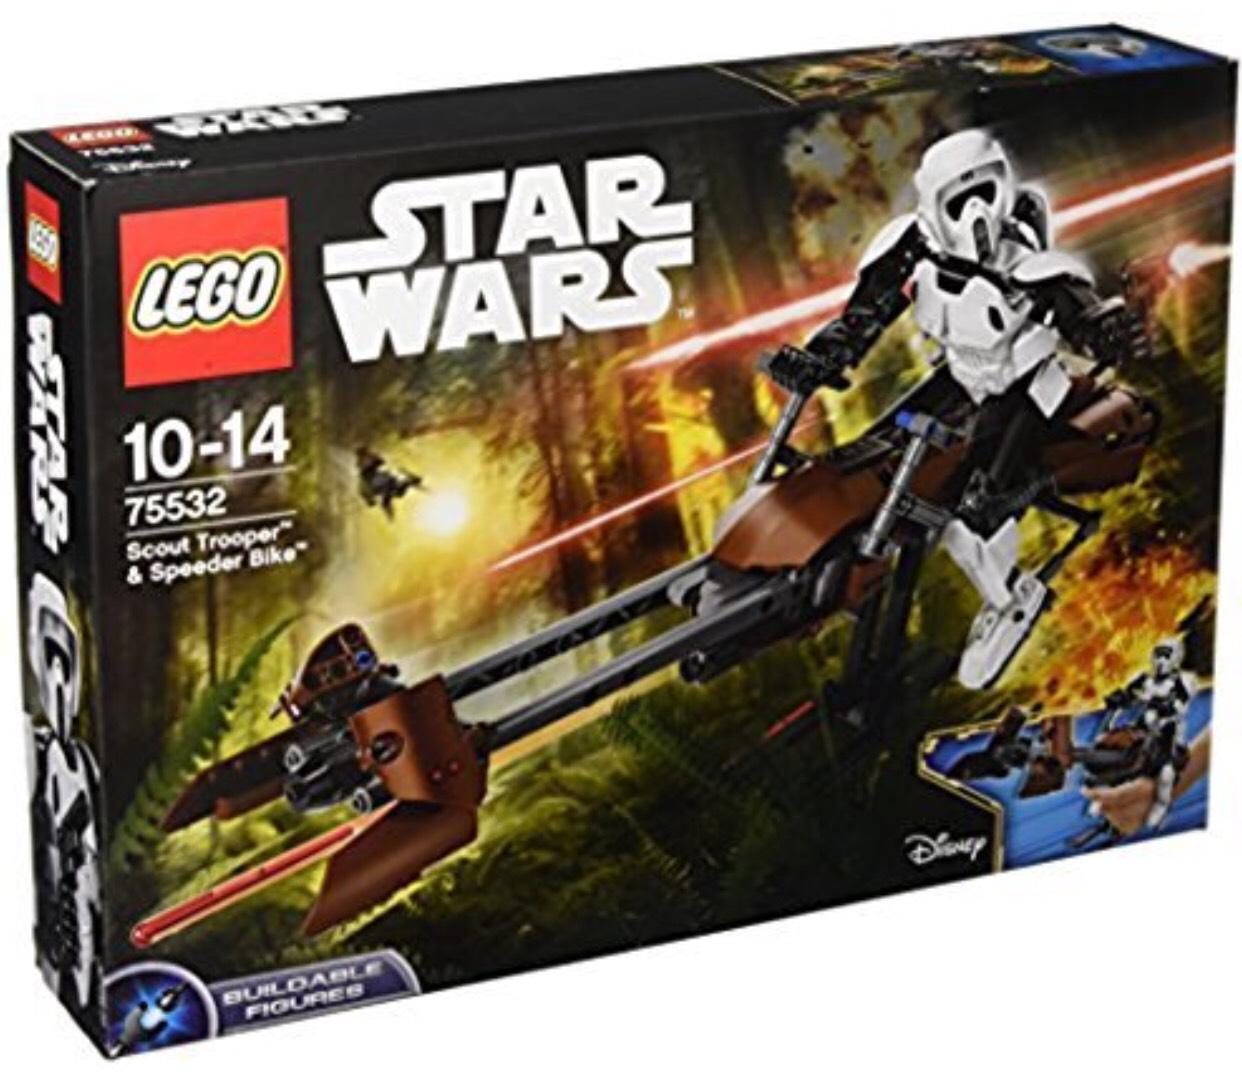 Lego Star Wars 75532